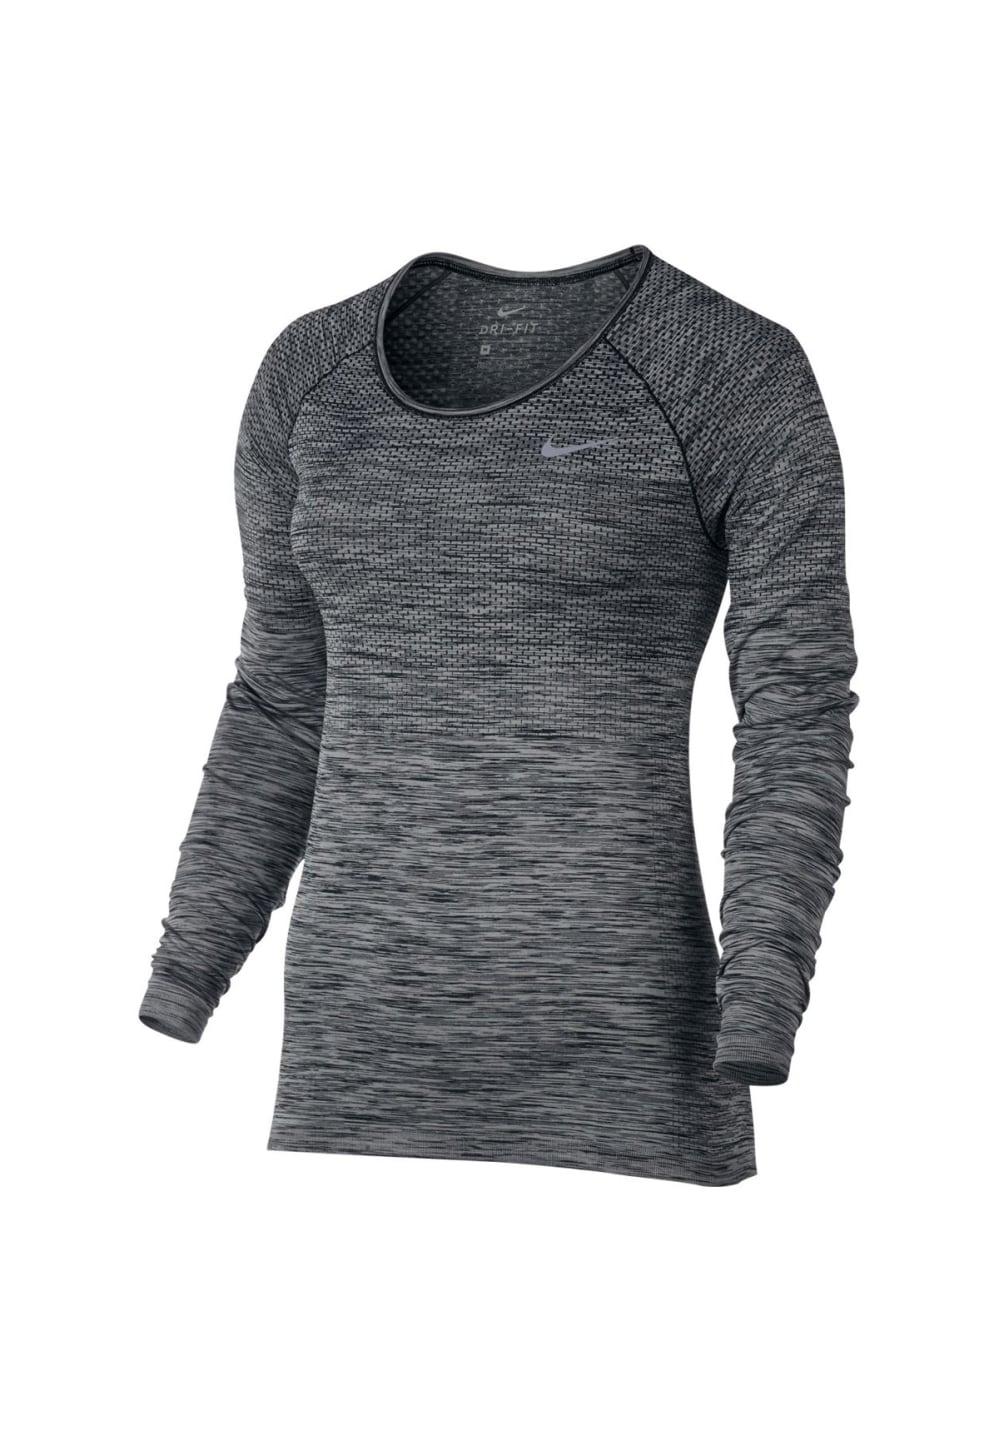 Nike Dri-Fit Knit Tee - Laufshirts für Damen - Grau, Gr. L